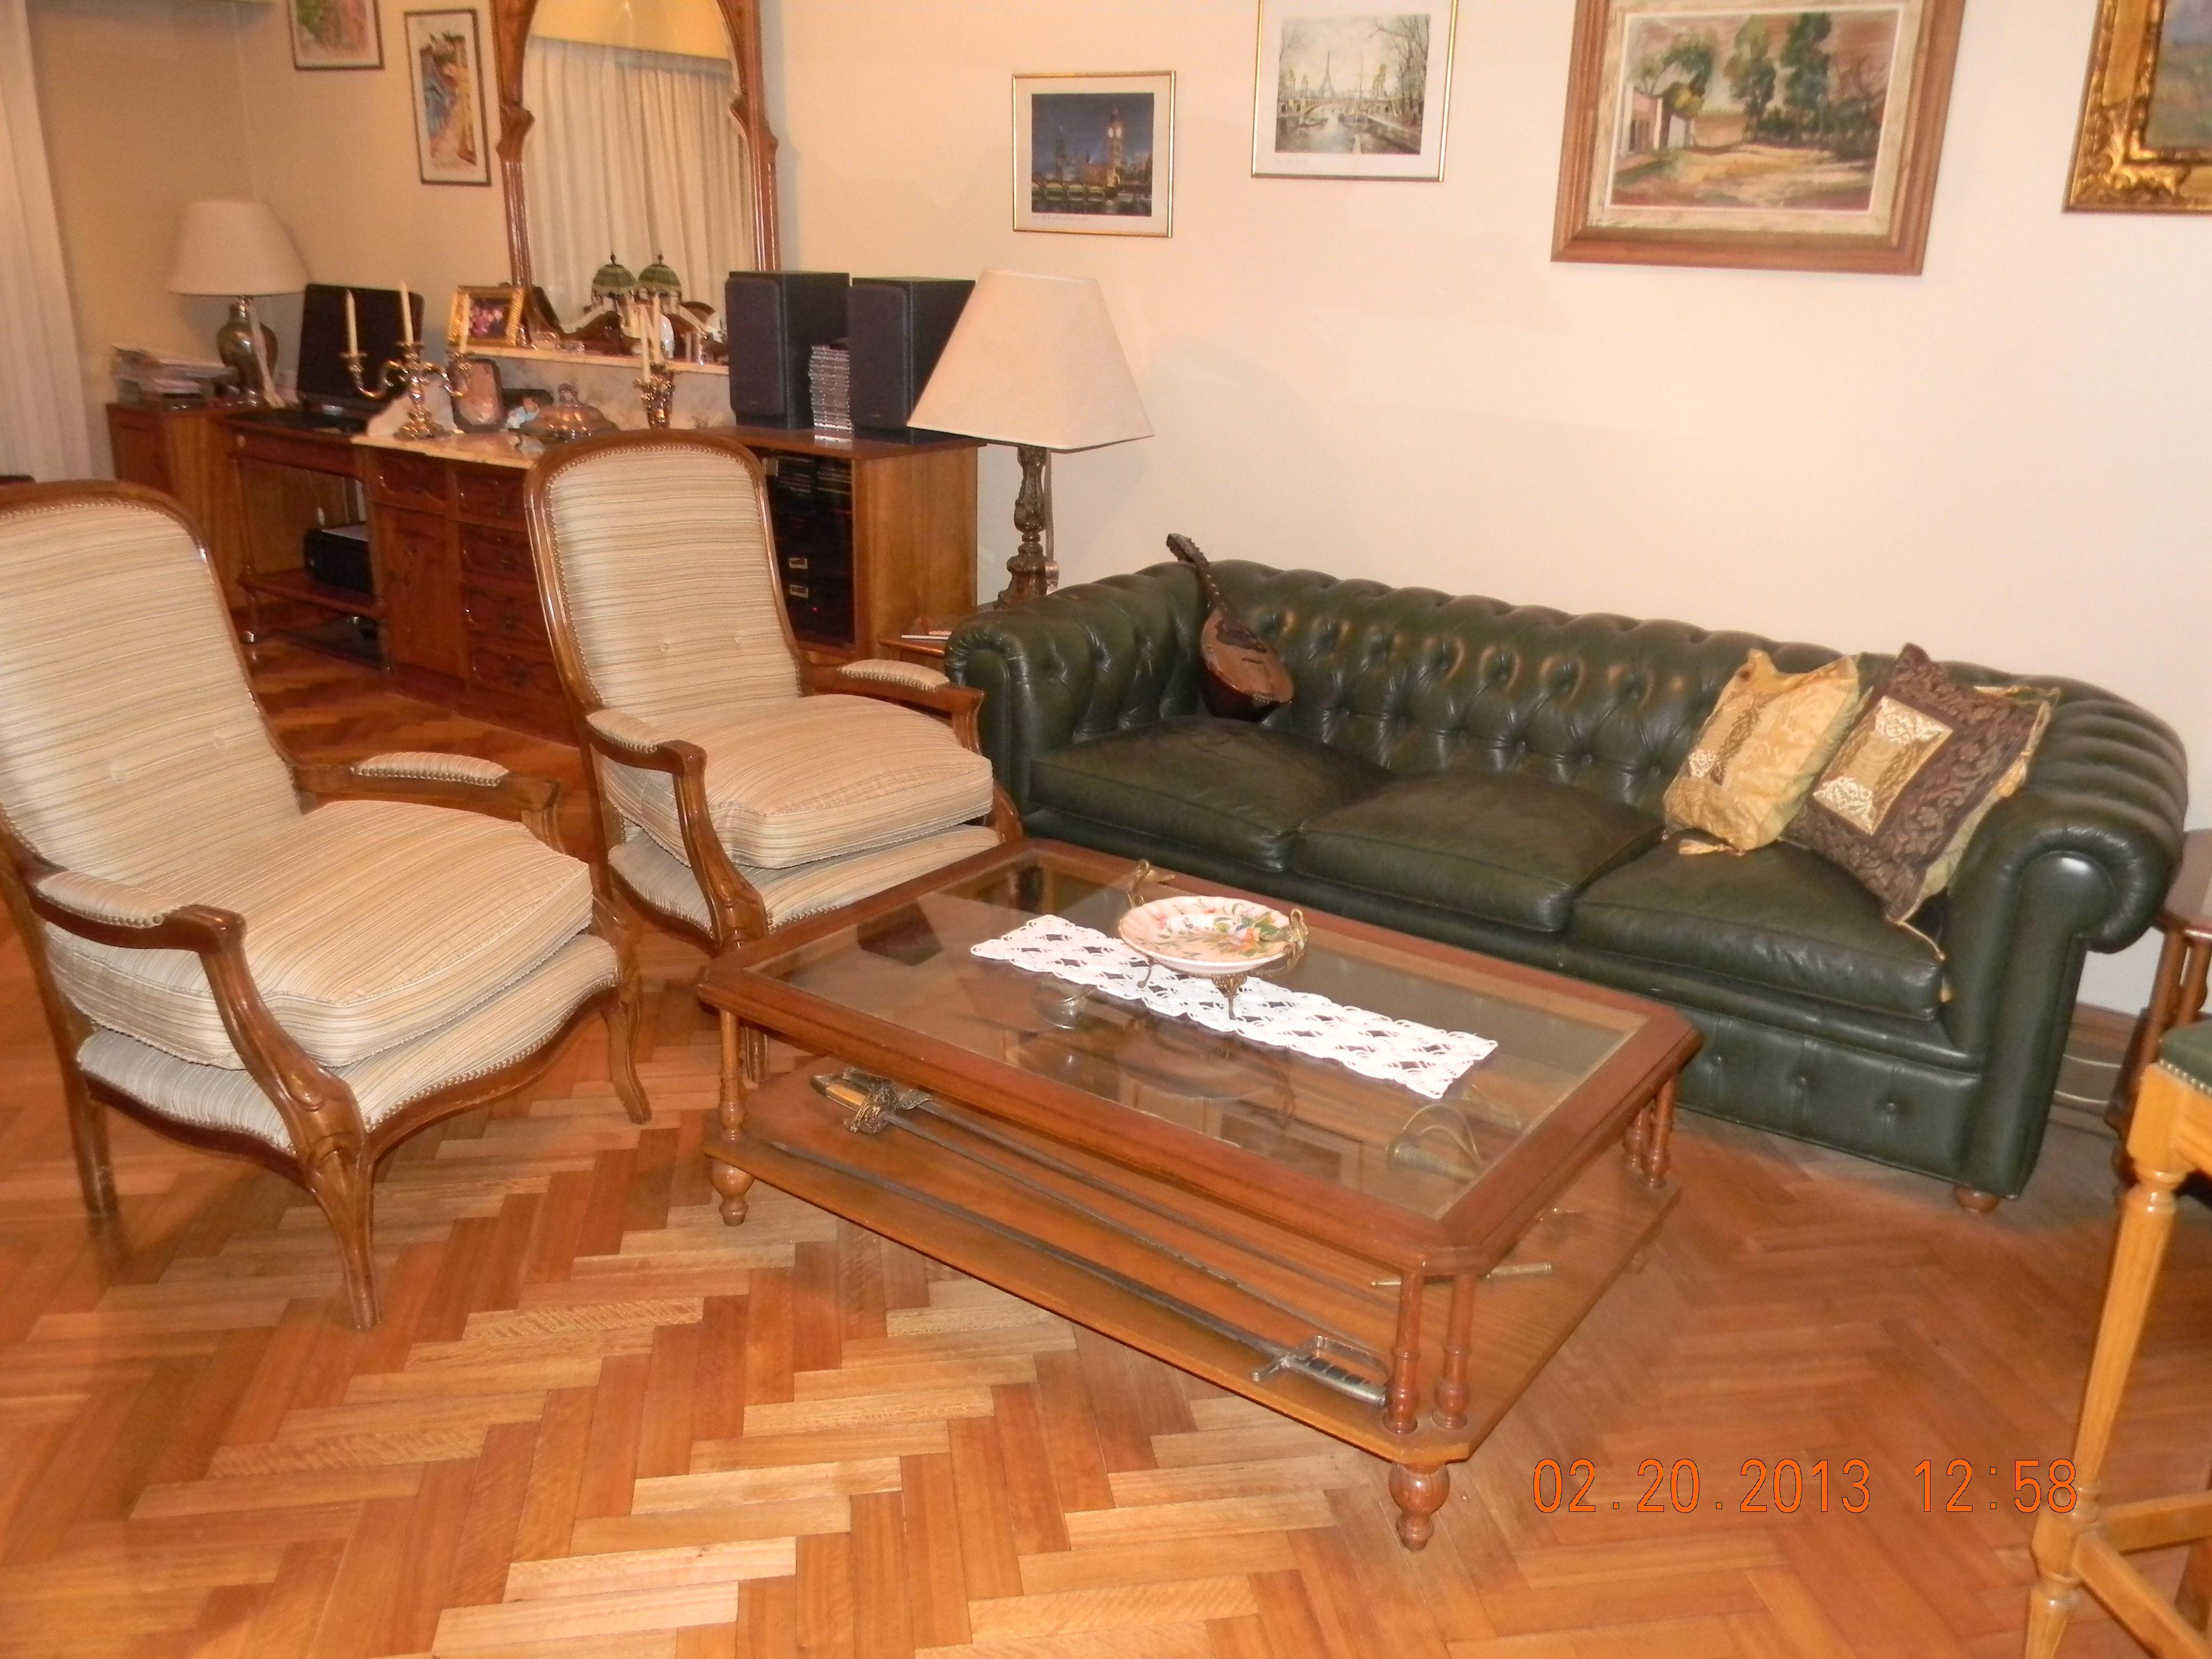 Estar cl sico estilo ingl s sof chesterfield en cuero y for Sofas clasicos estilo ingles